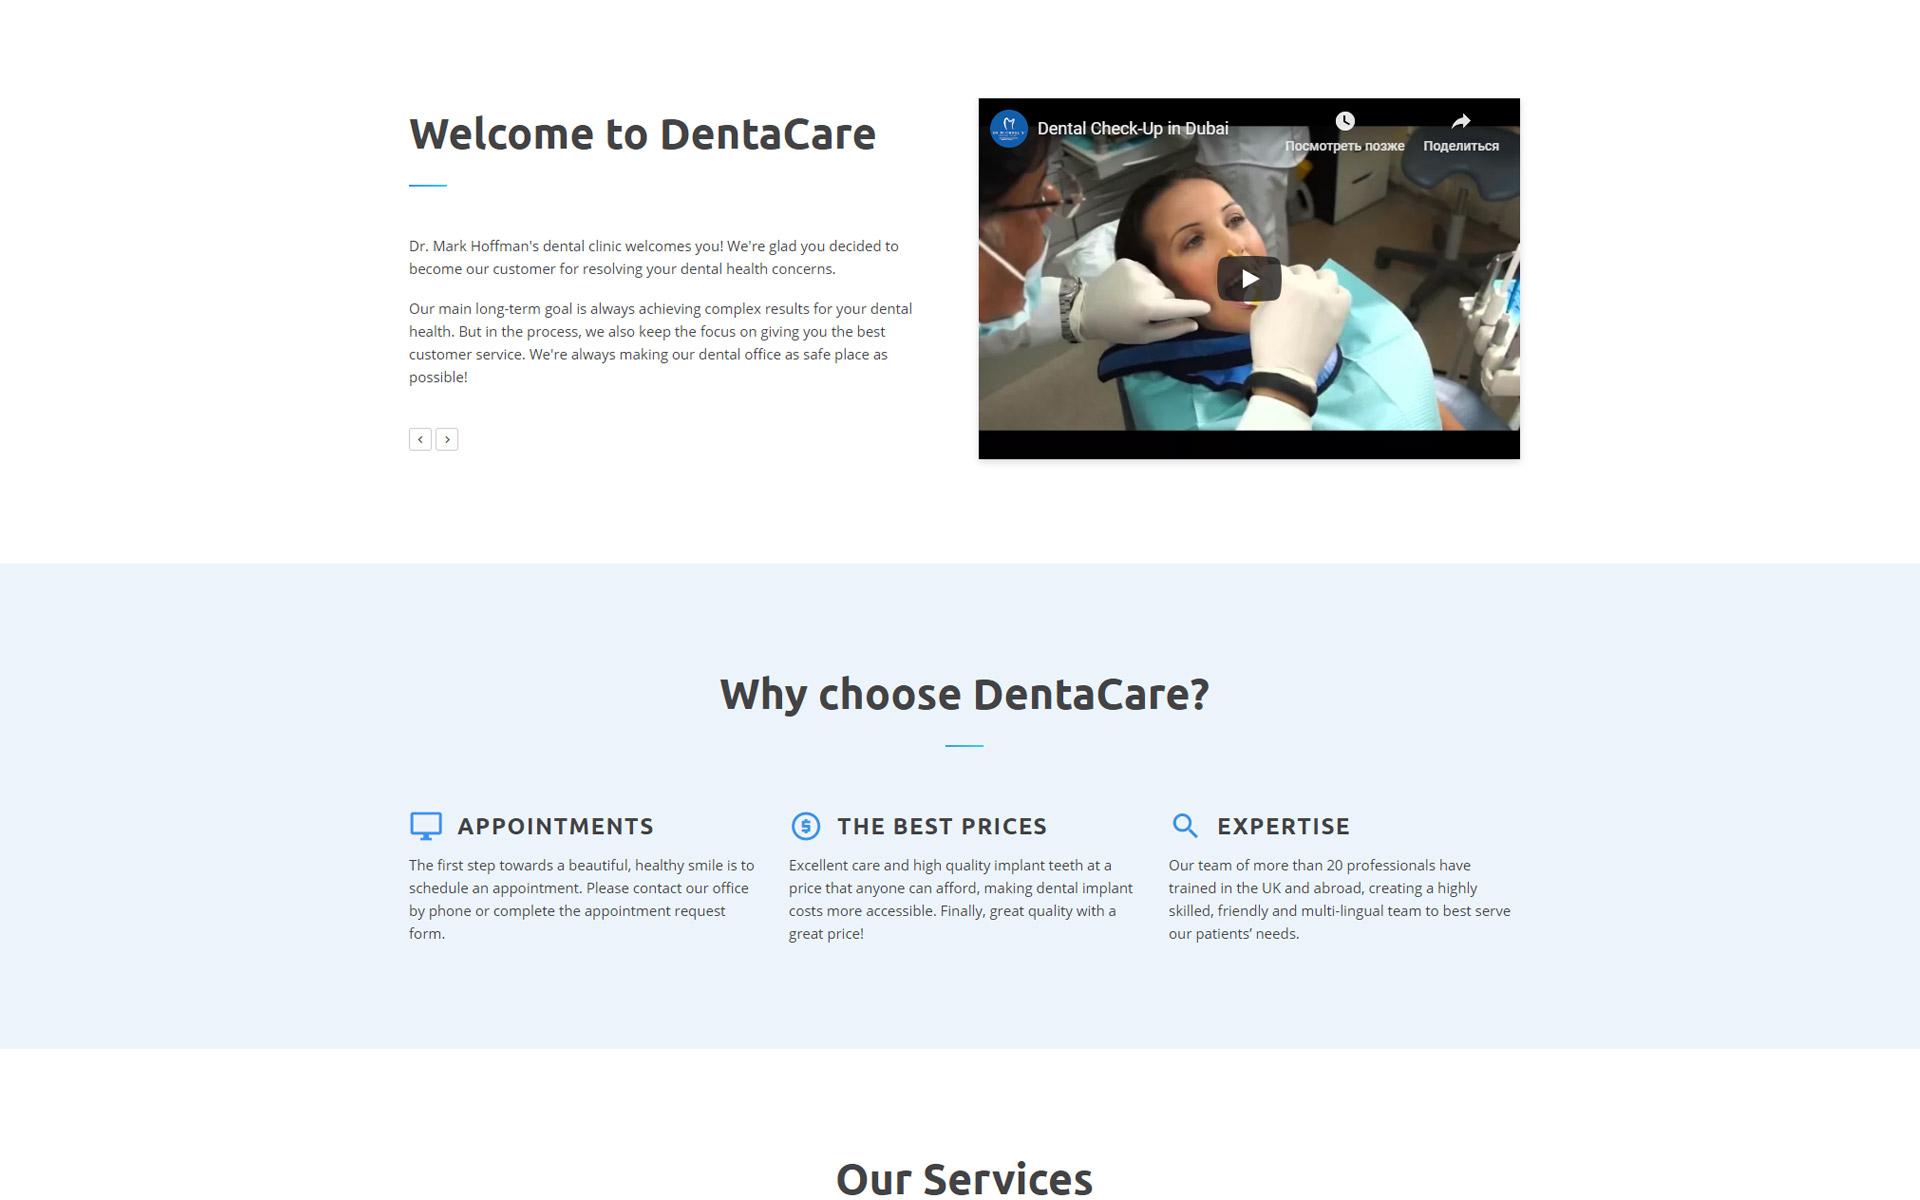 https://s3u.tmimgcdn.com/1519369-1542723888062_DentaCare-screen-5.jpg